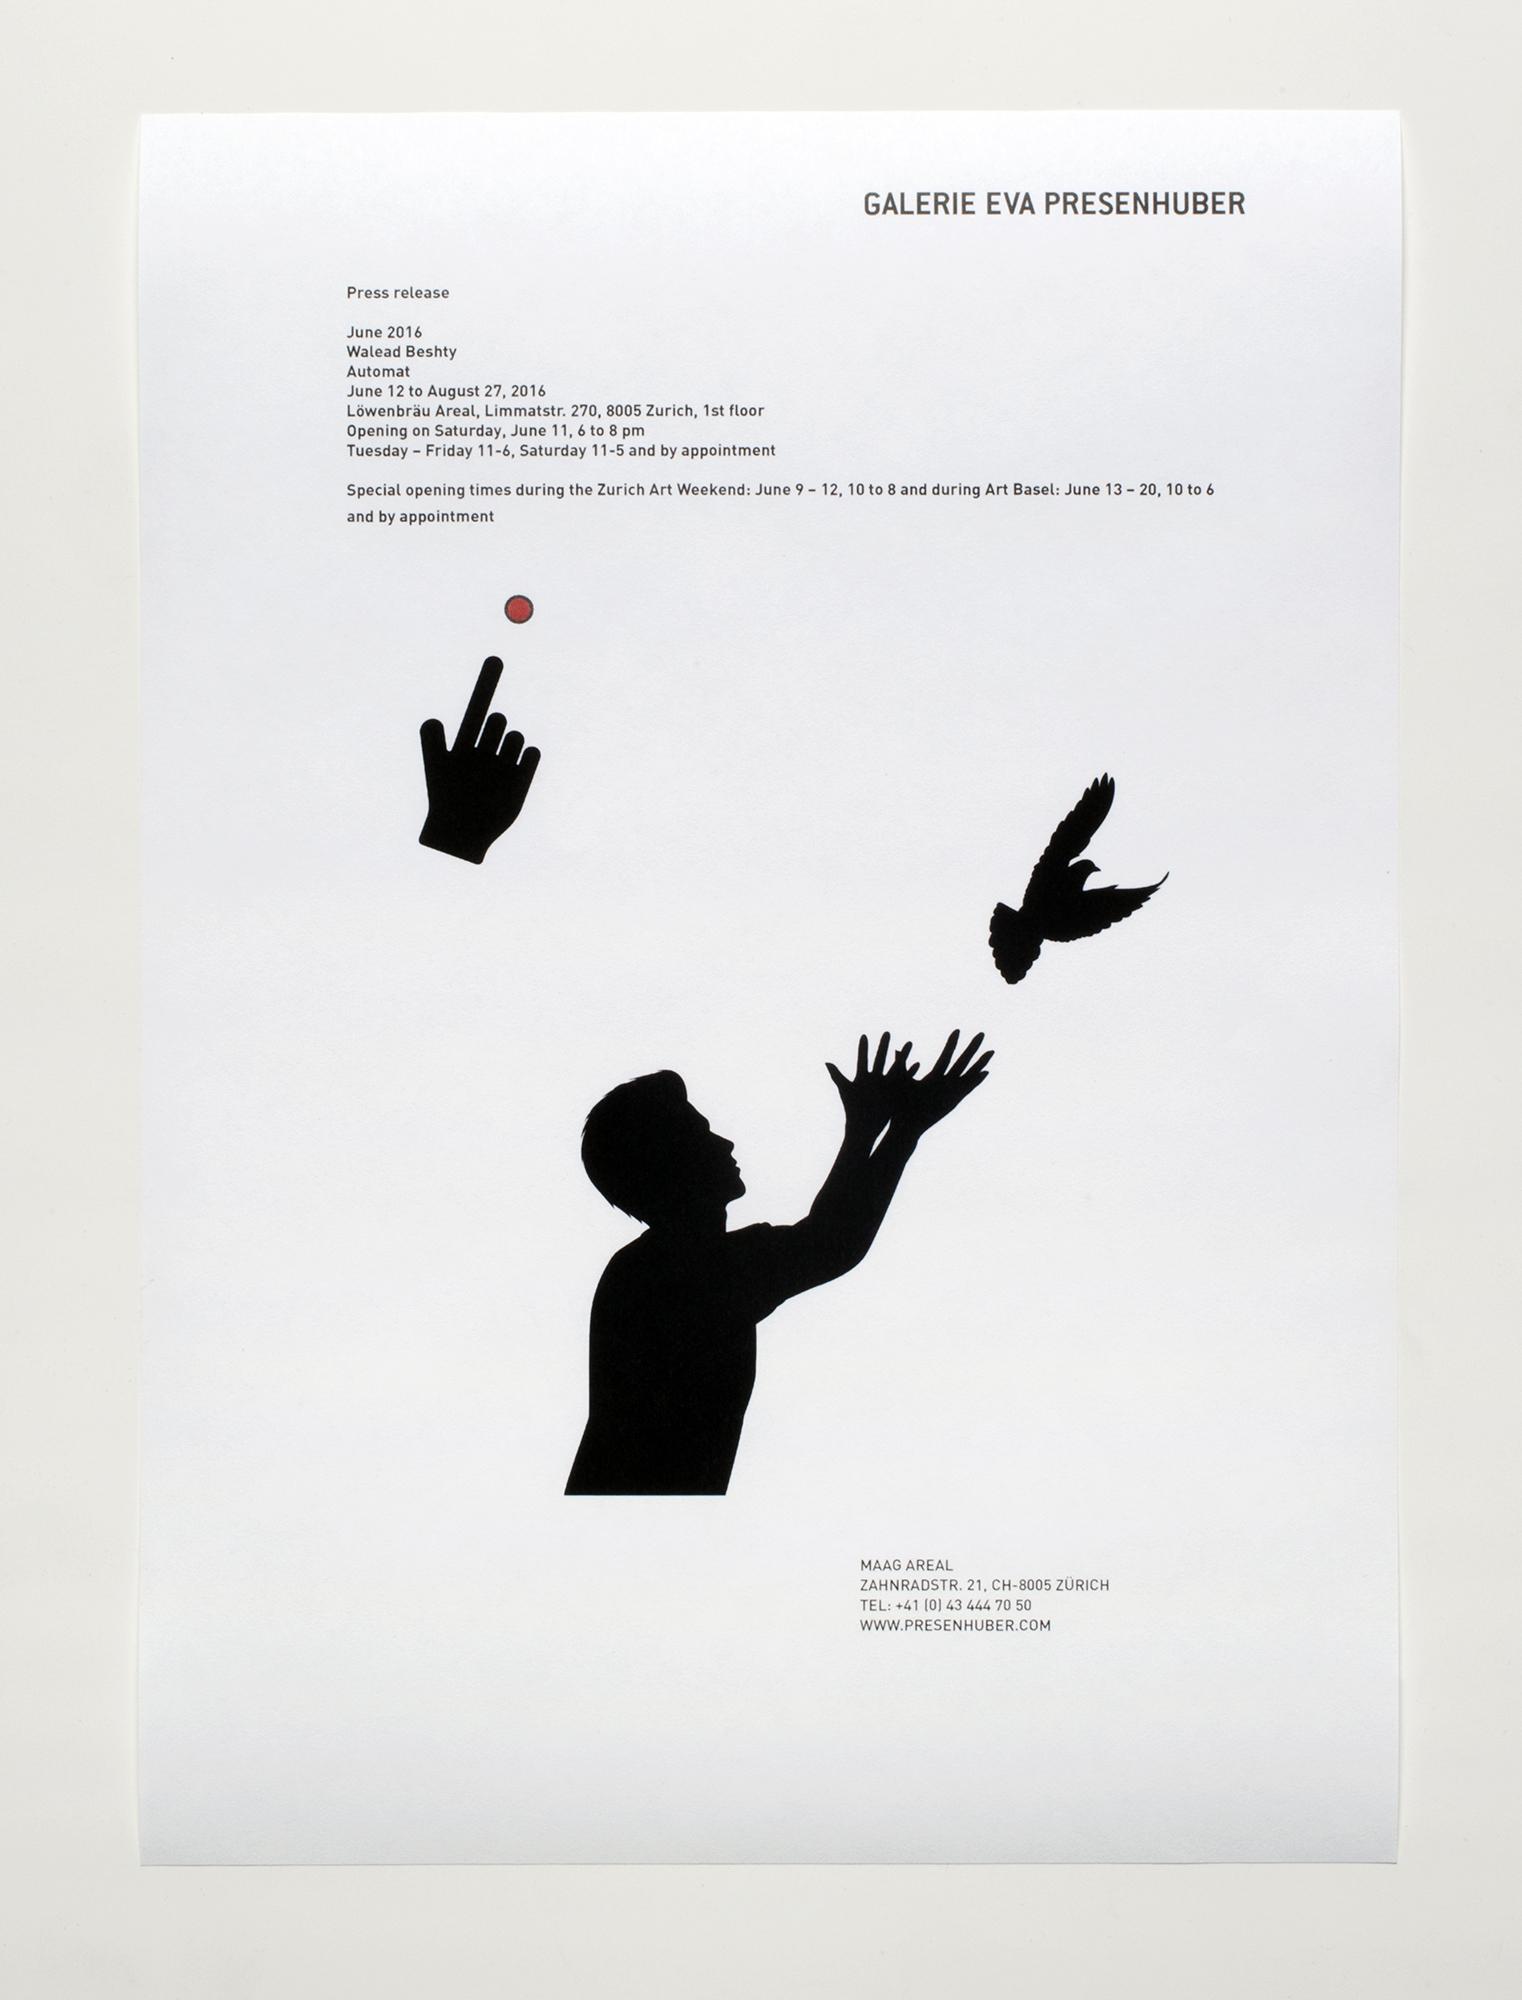 Automat press release   Galerie Eva Presenhuber  Zurich  Switzerland  2016